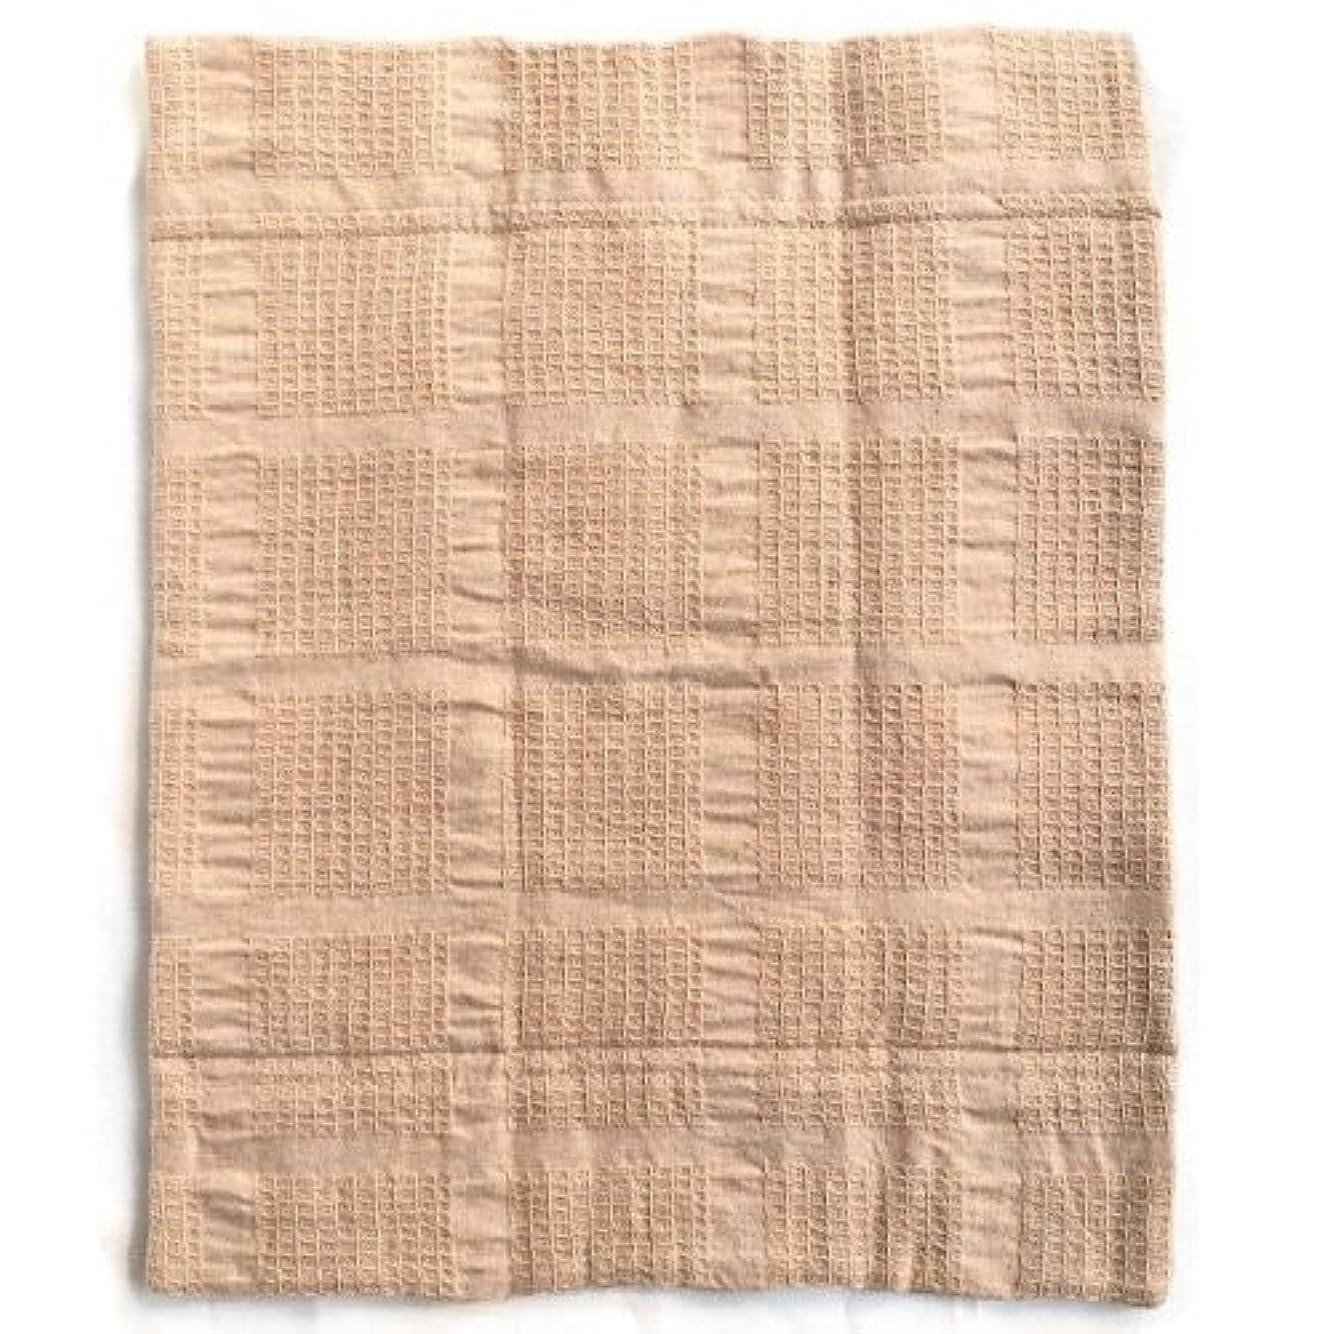 薄暗い改善するレッドデート華布のオーガニックコットンの布ナプキン LLサイズ(約28cm×約35cm) 1枚入り